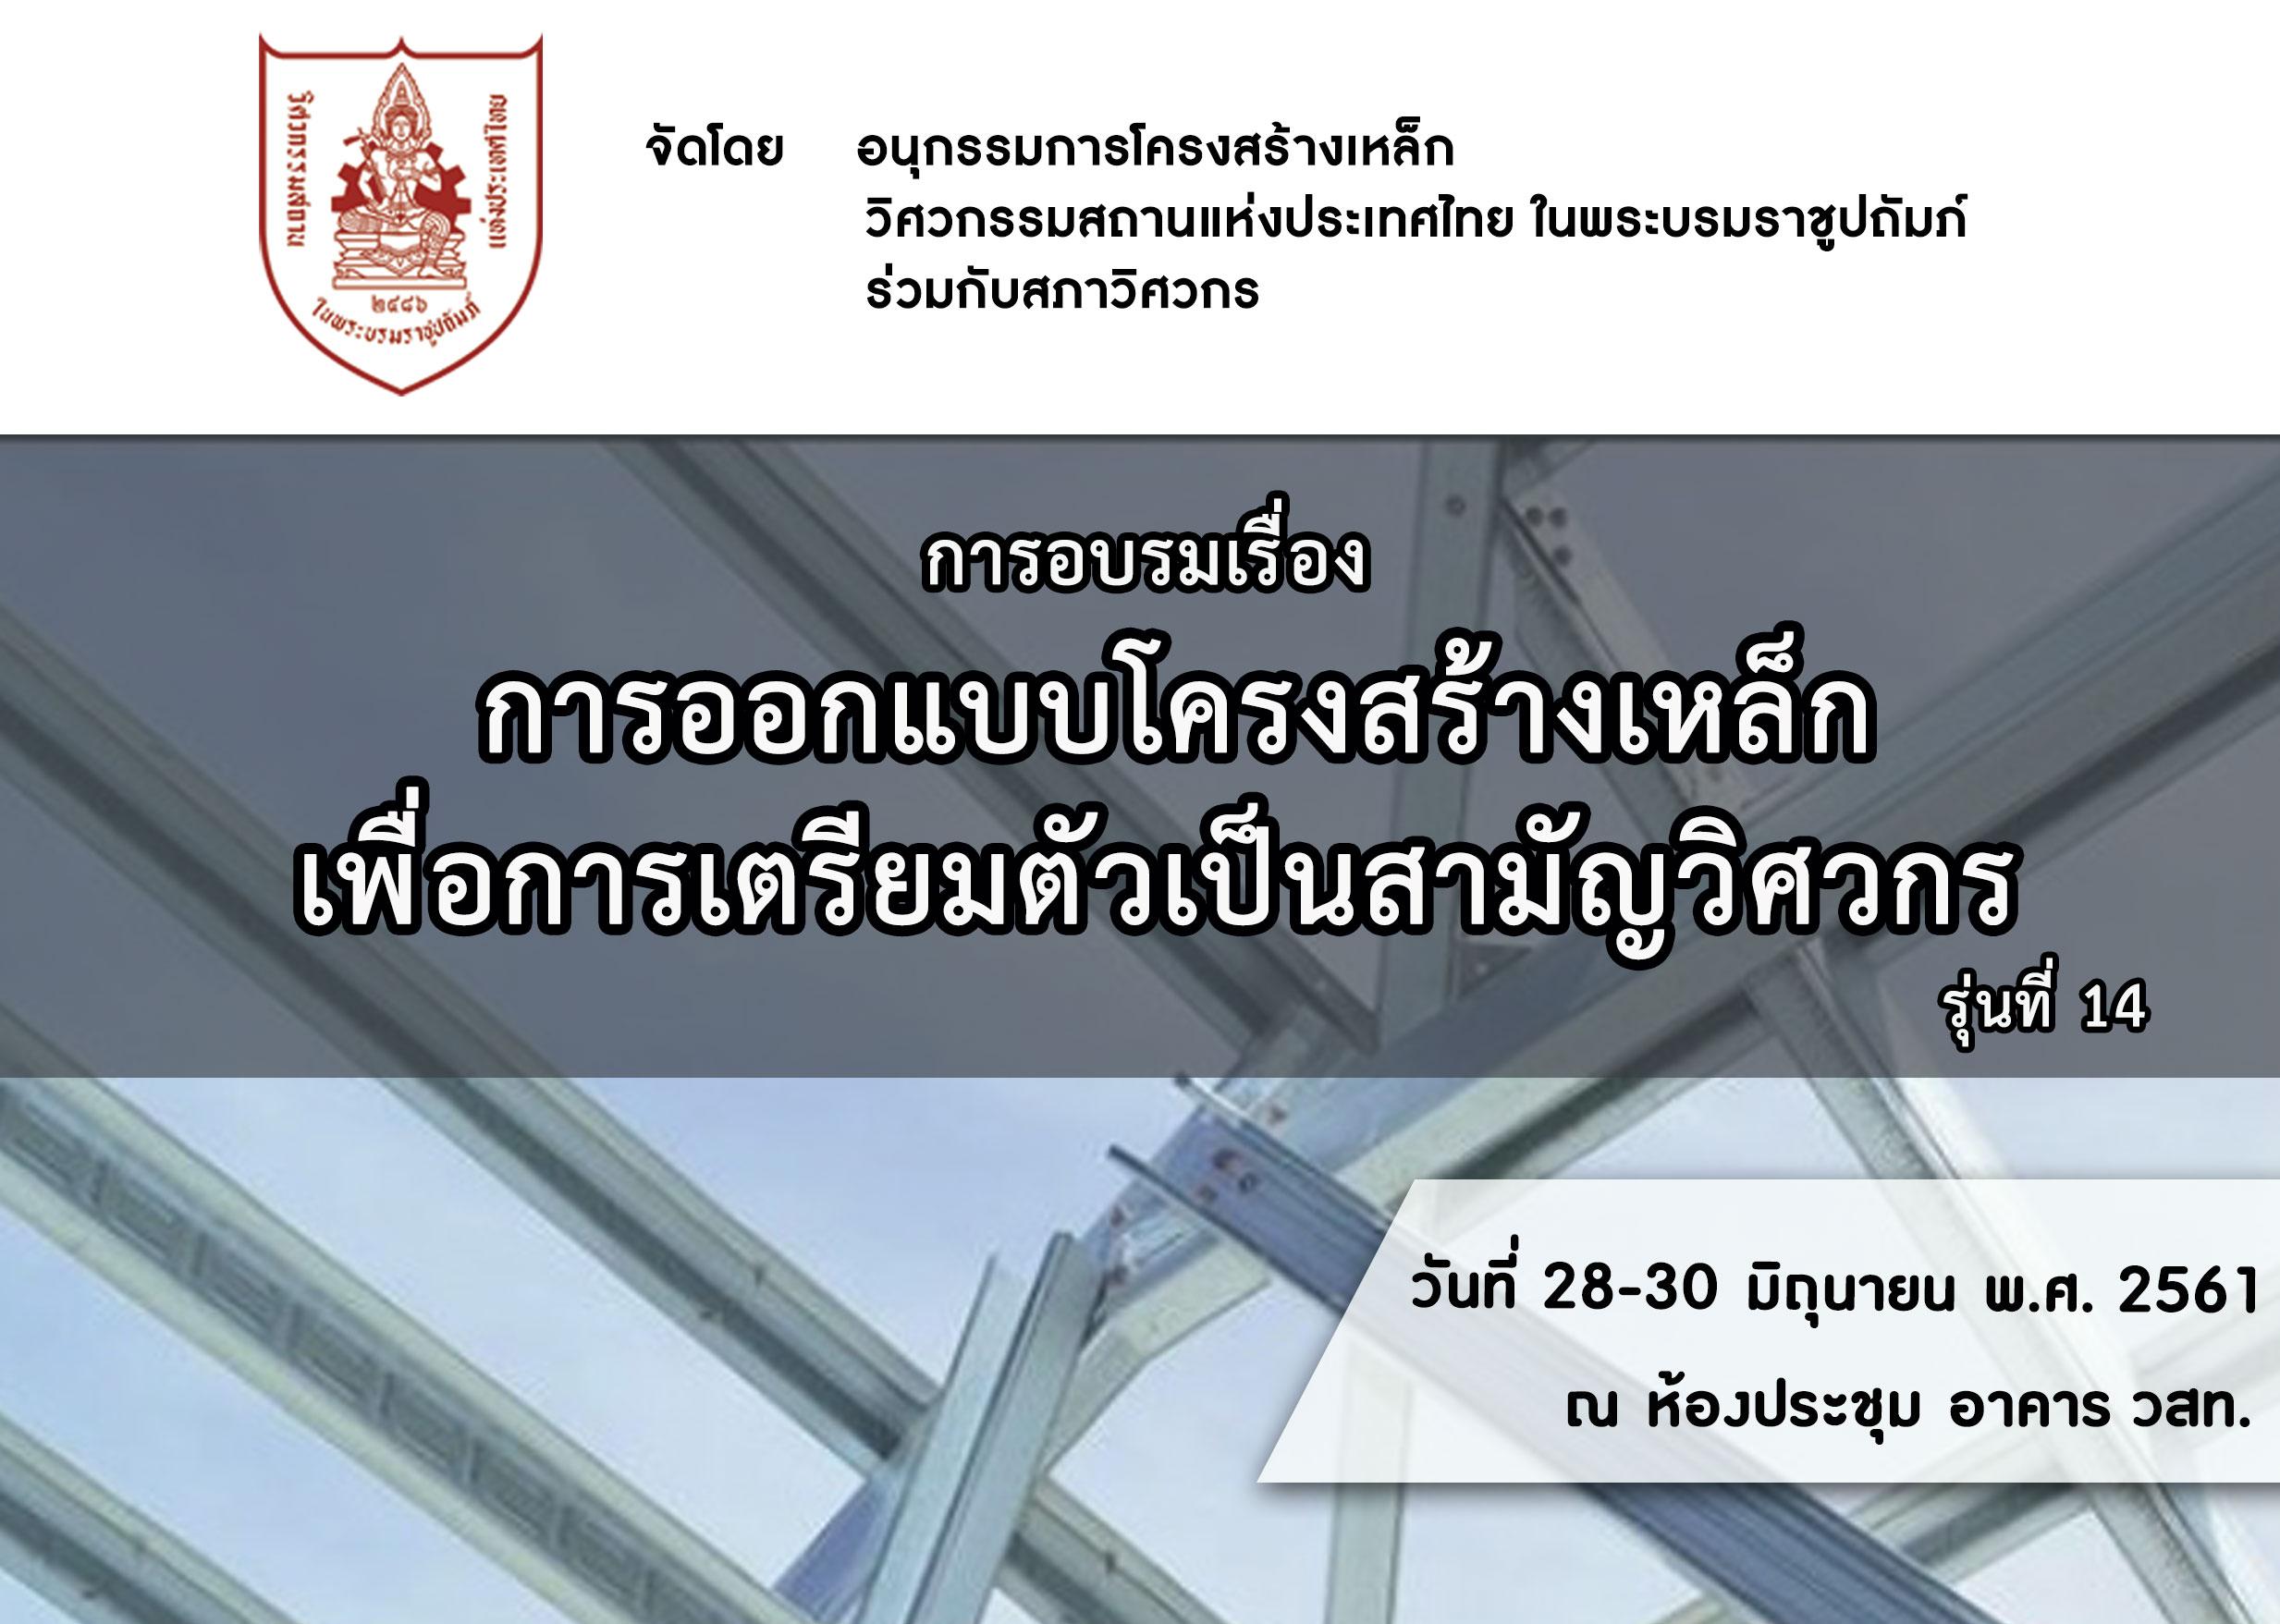 28-30/06/2561 การอบรม การออกแบบโครงสร้างเหล็กเพื่อการเตรียมตัวเป็นสามัญวิศวกร รุ่นที่ 14